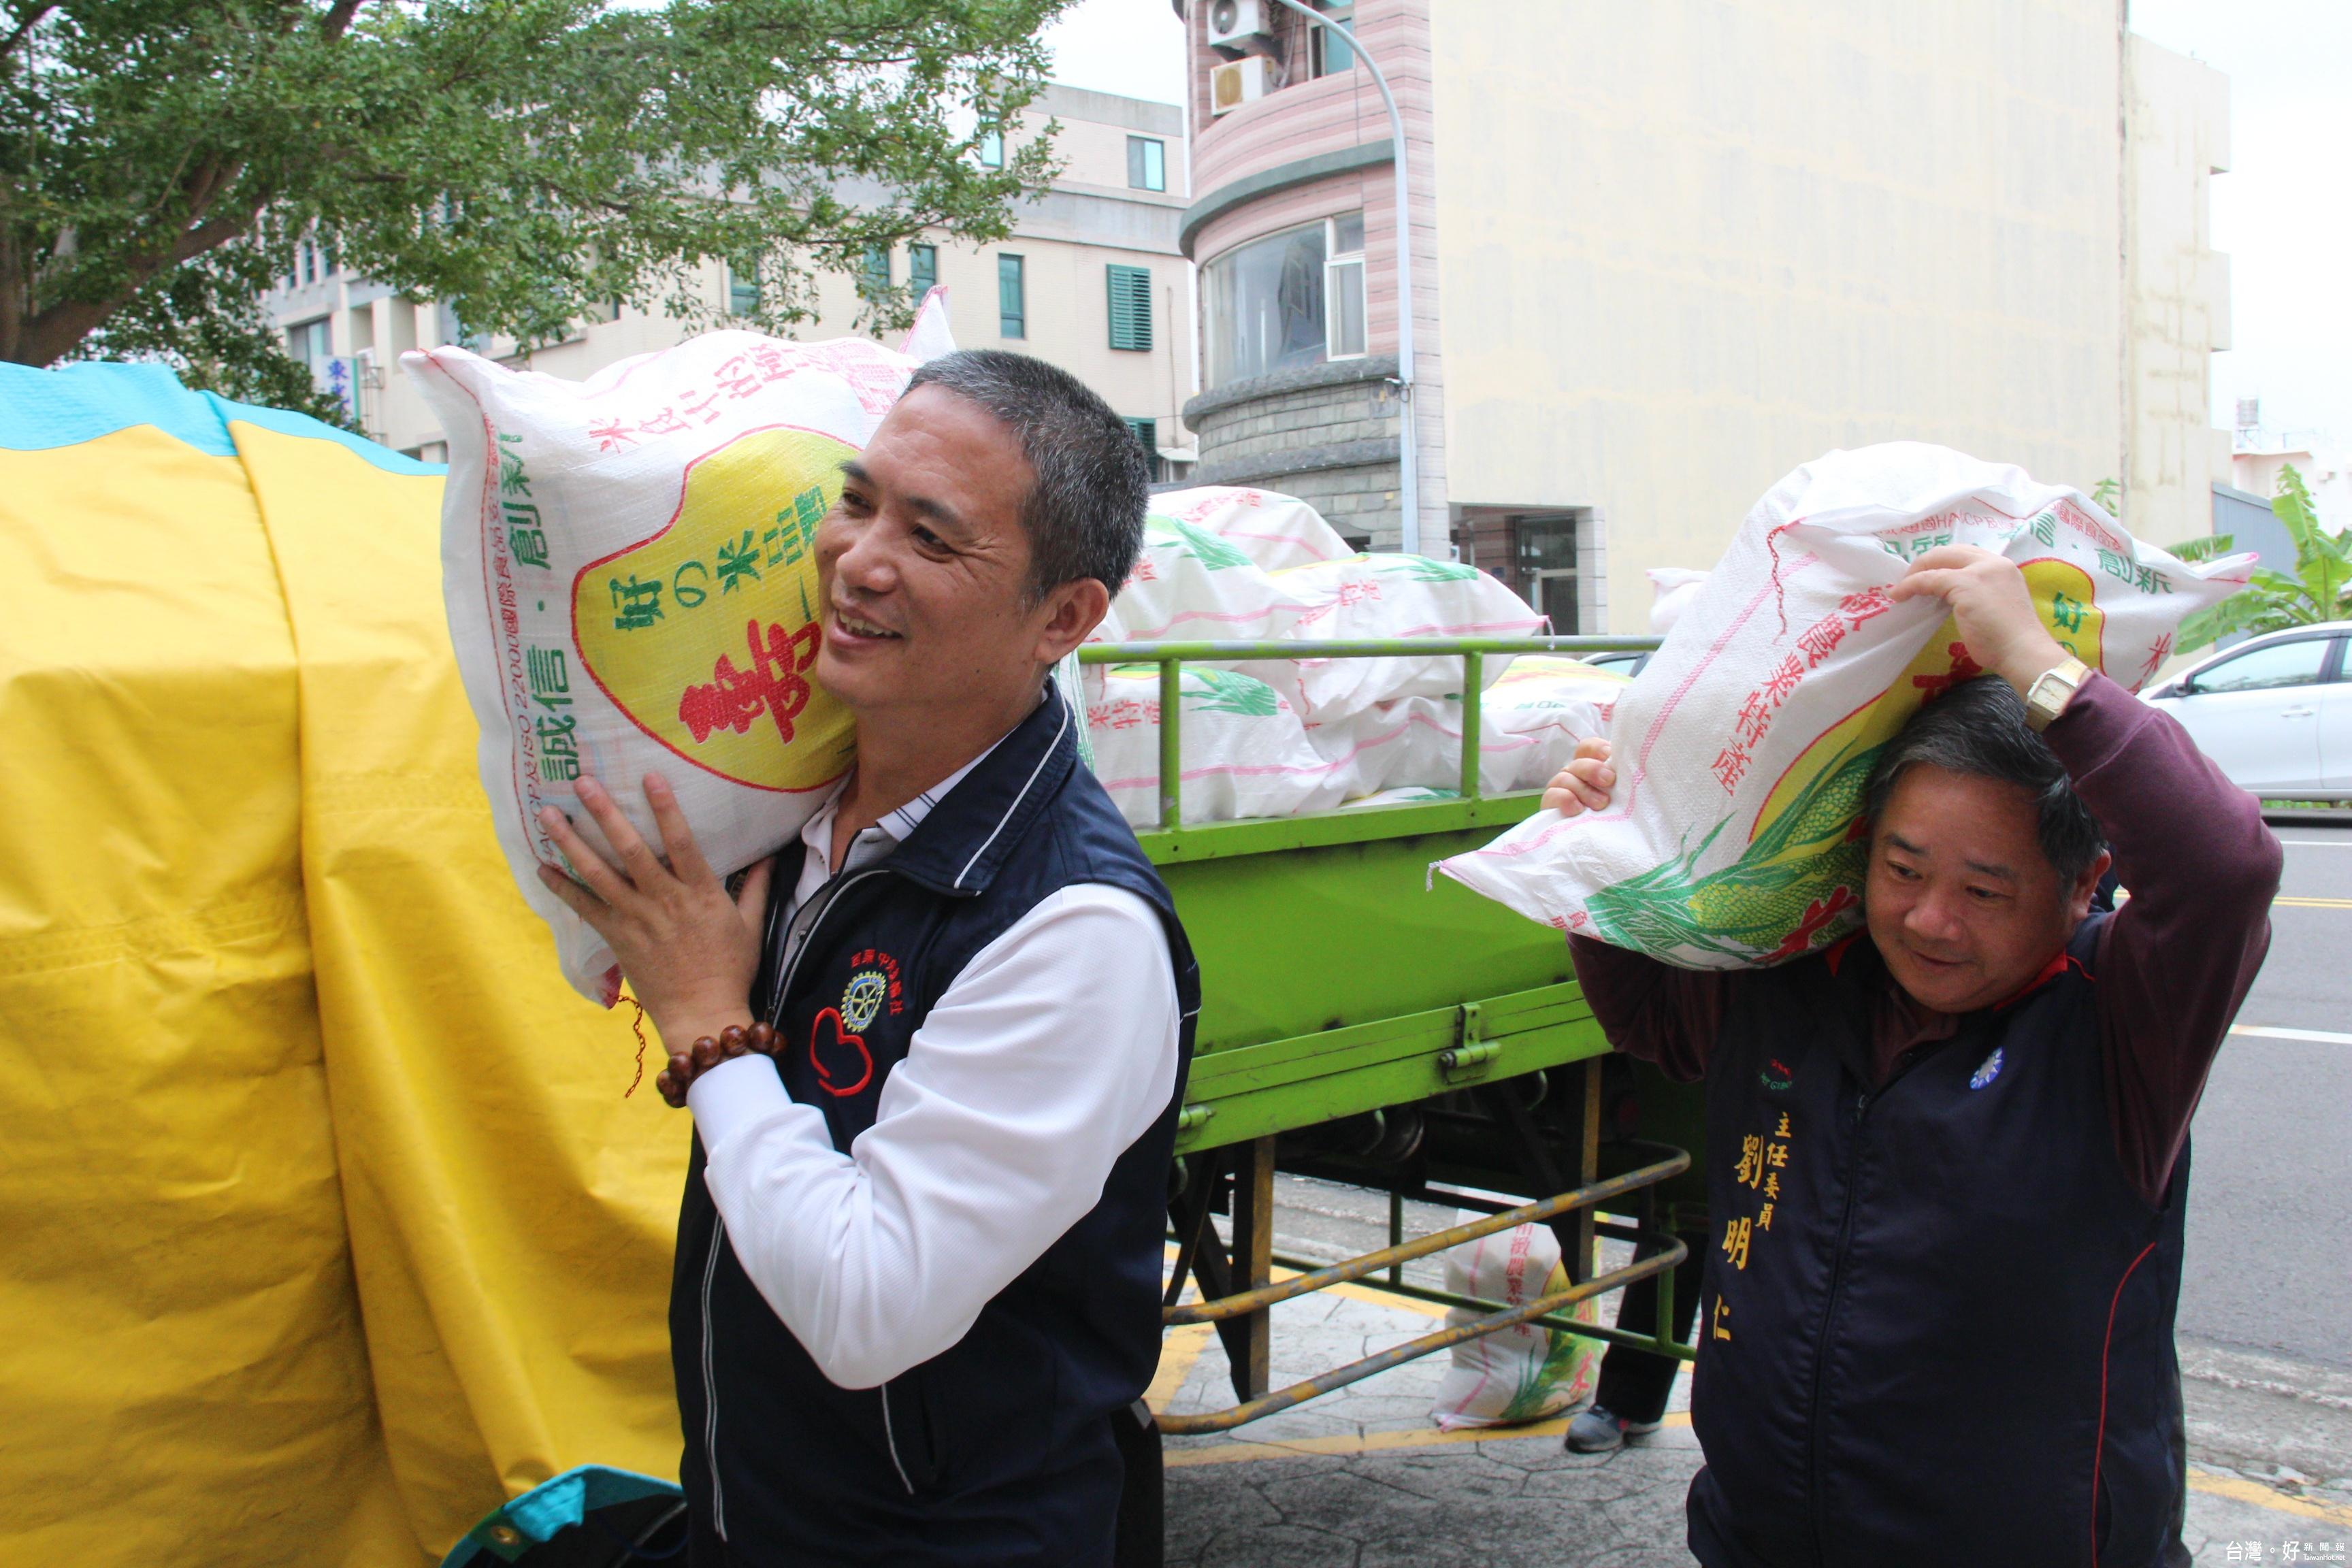 陳松生家族寒冬送暖 捐米濟貧助弱勢過好年